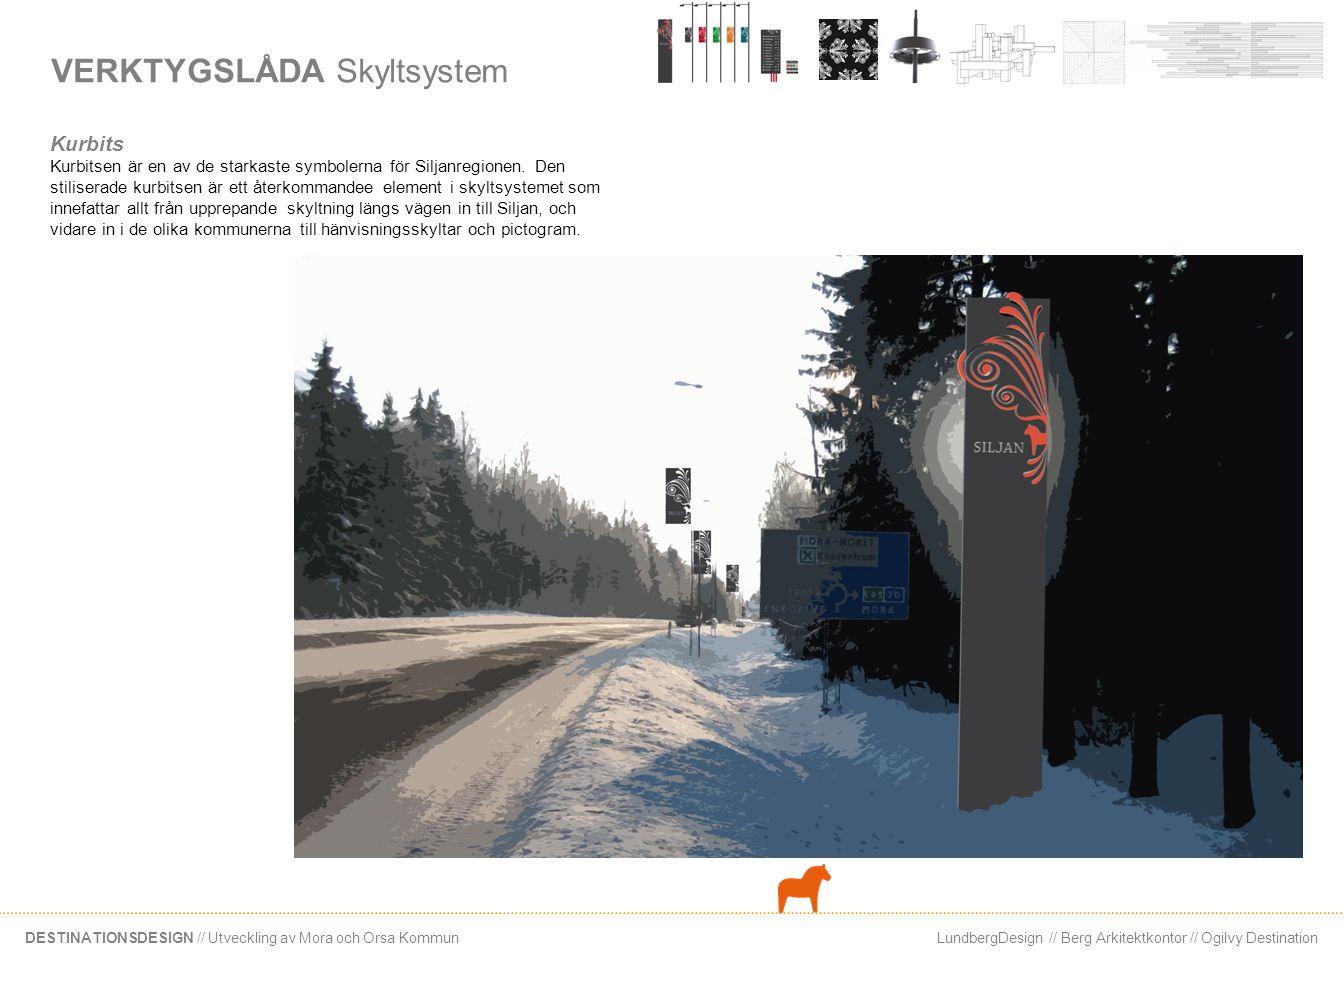 LundbergDesign // Berg Arkitektkontor // Ogilvy DestinationDESTINATIONSDESIGN // Utveckling av Mora och Orsa Kommun VERKTYGSLÅDA Skyltsystem Vägen till… Skyltar som placeras på befintliga lyktstolpar kan vara ett återkommande moment längs vägarna till resmålen.